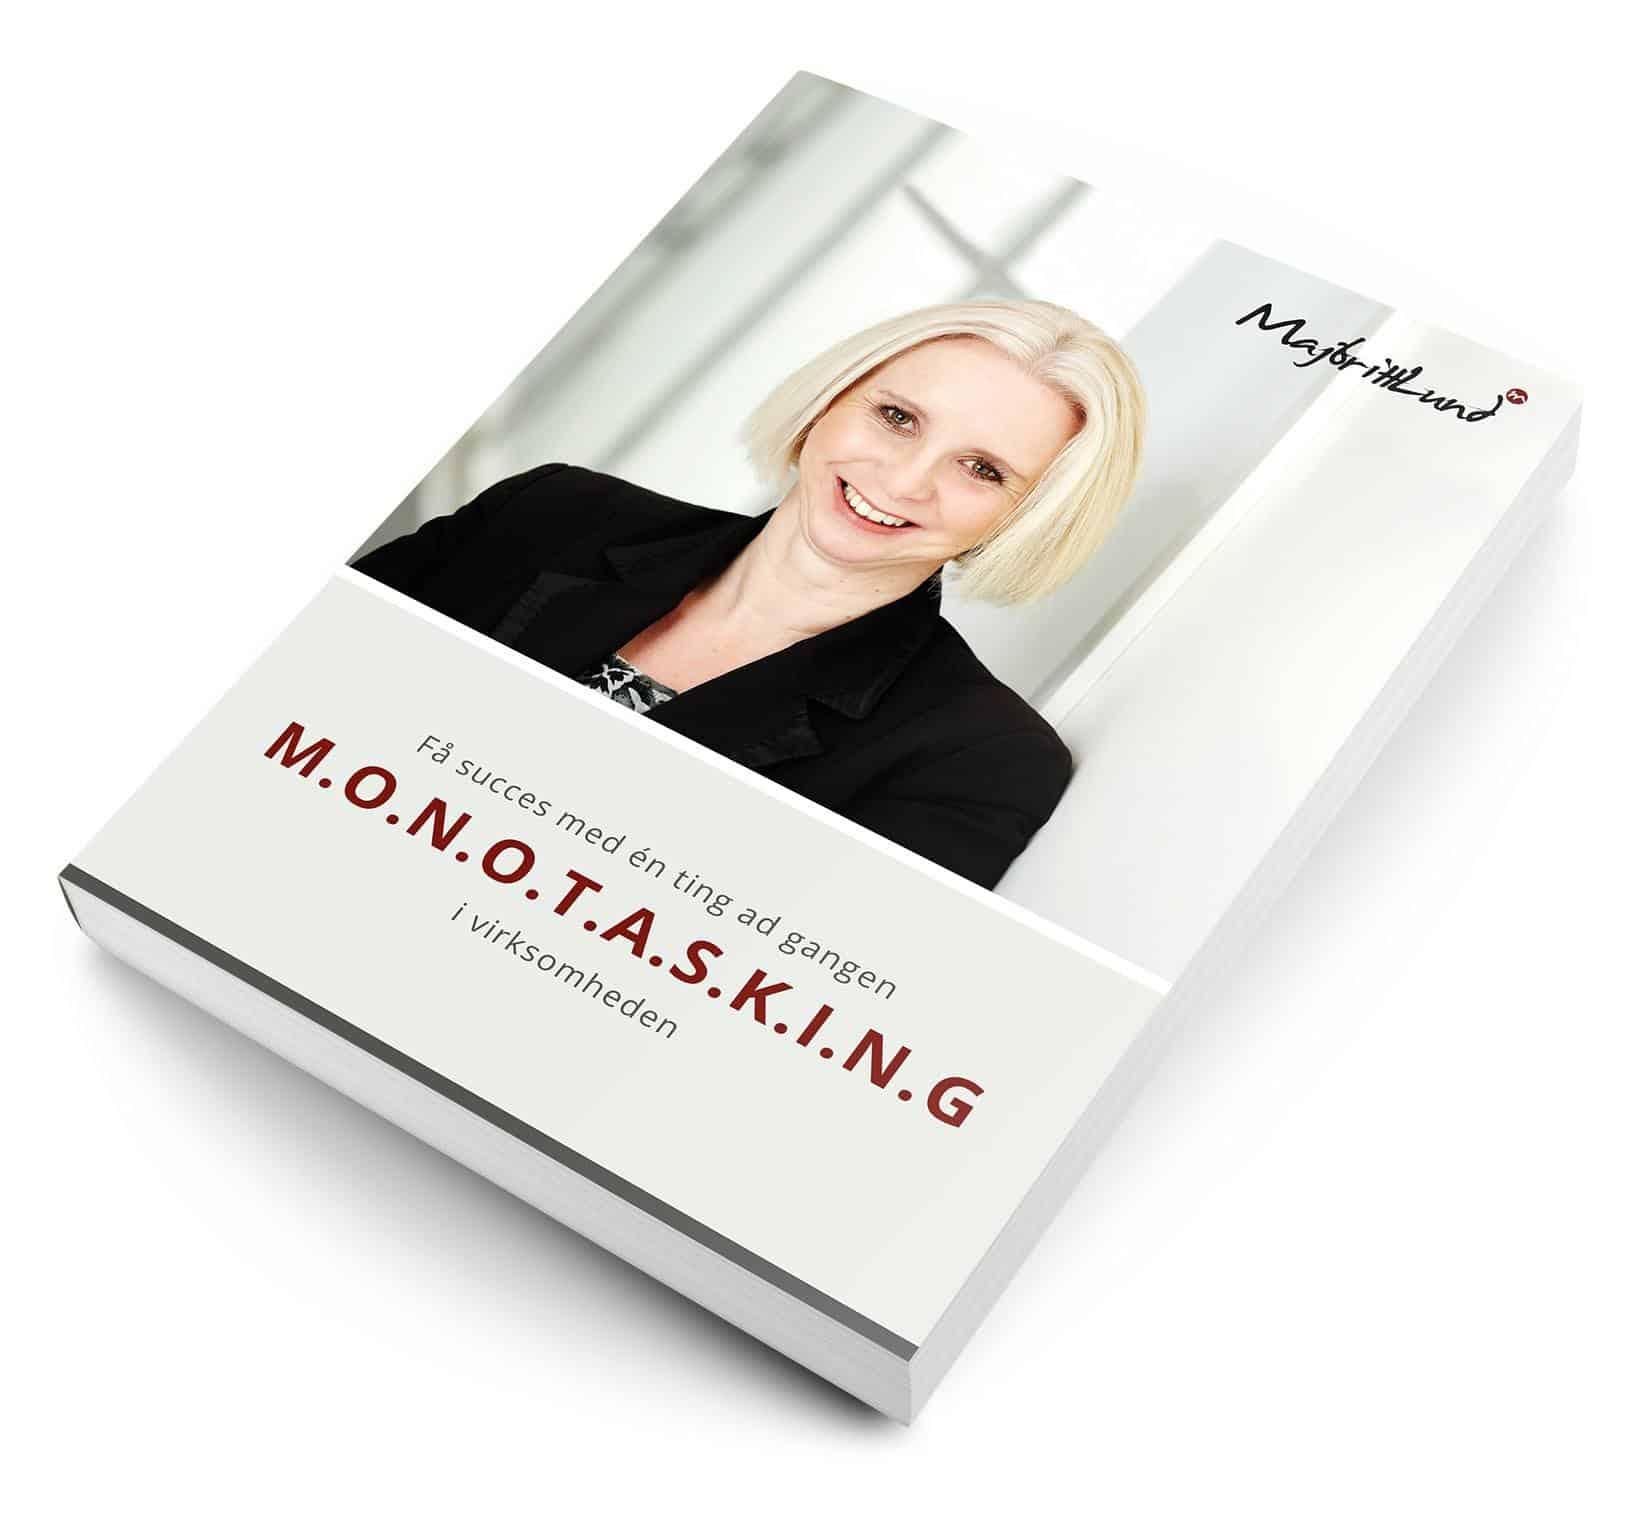 Monotasking bog_150dpi